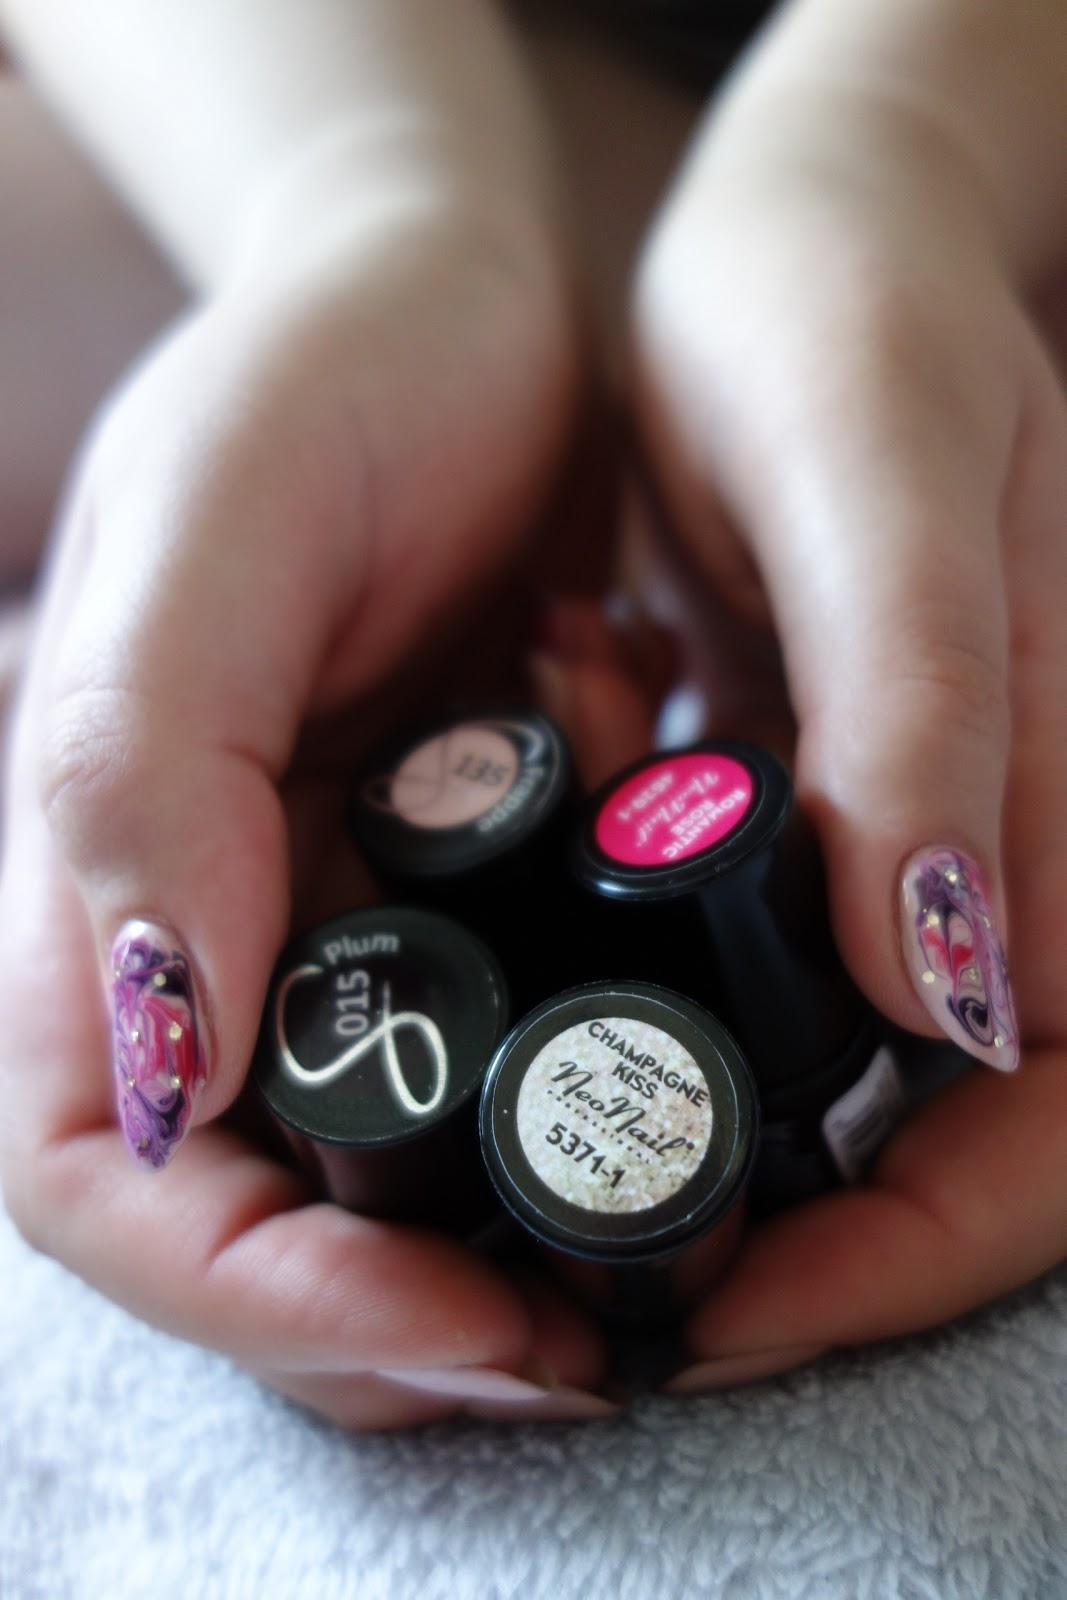 Manicure hybrydowy Neonail & Semilac - zakręcone zdobienie